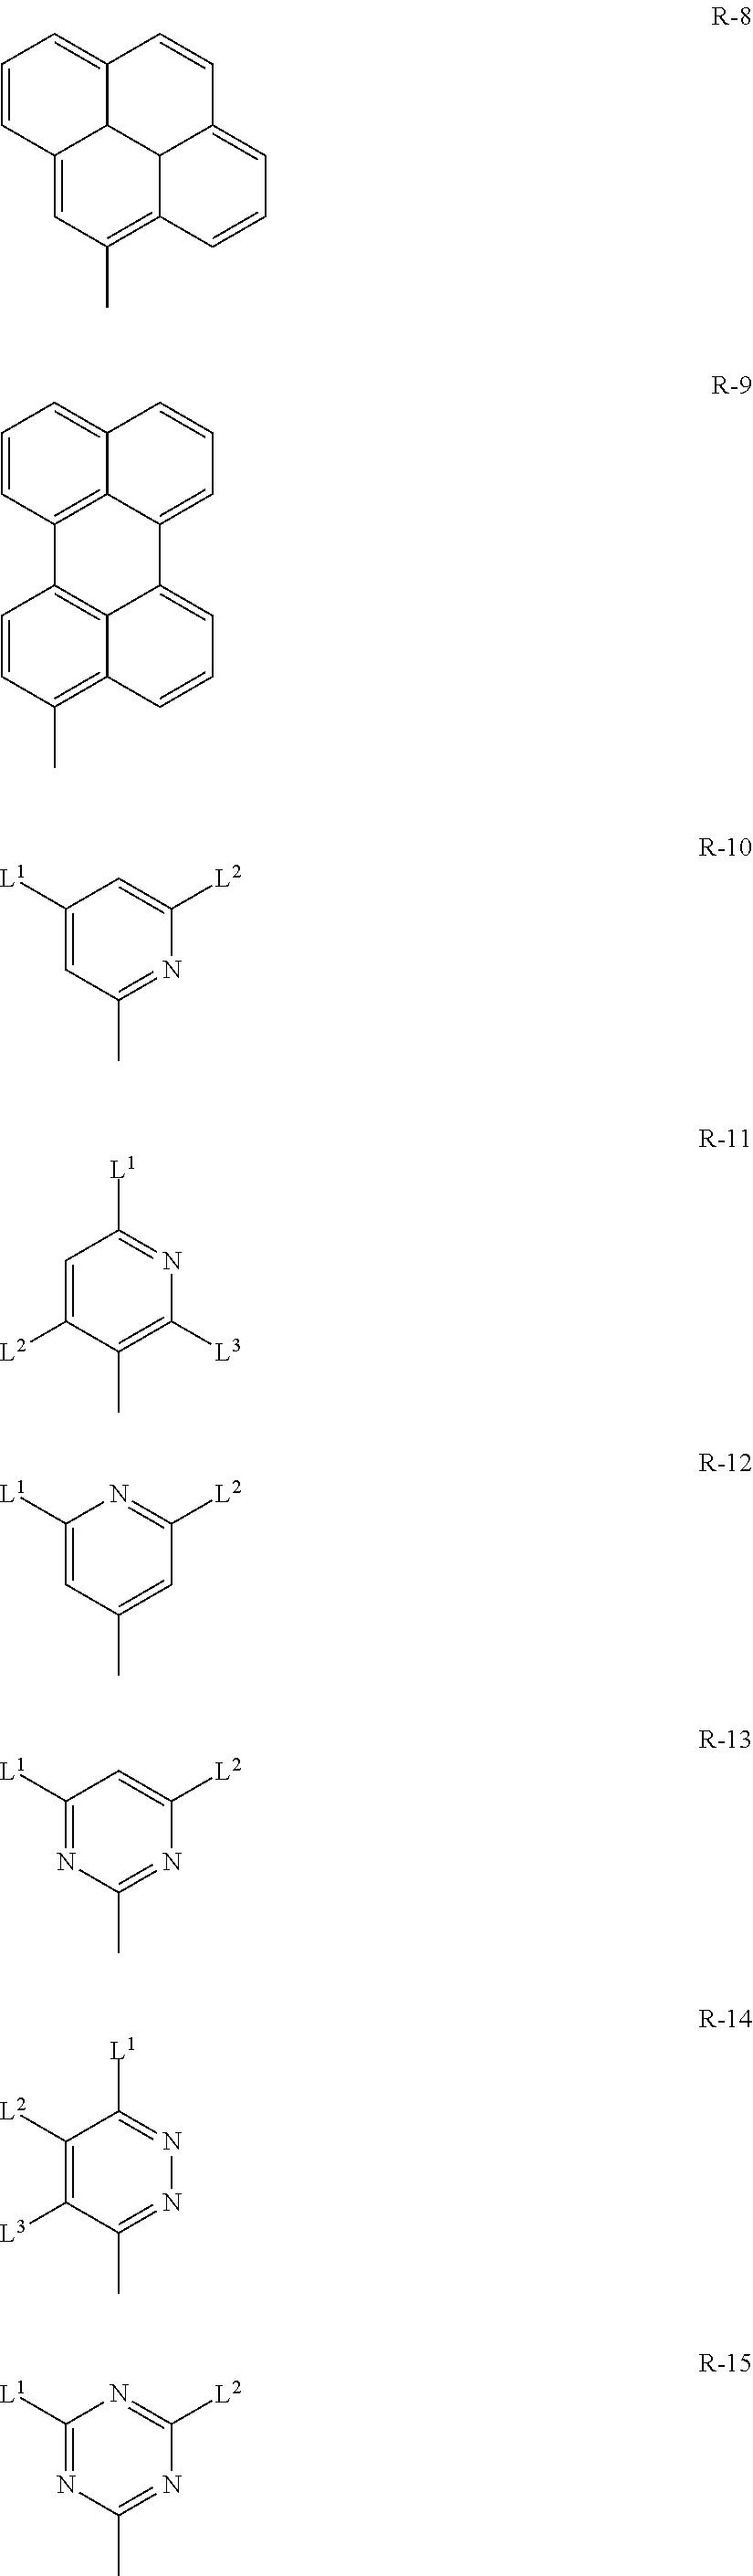 Figure US20110215312A1-20110908-C00019